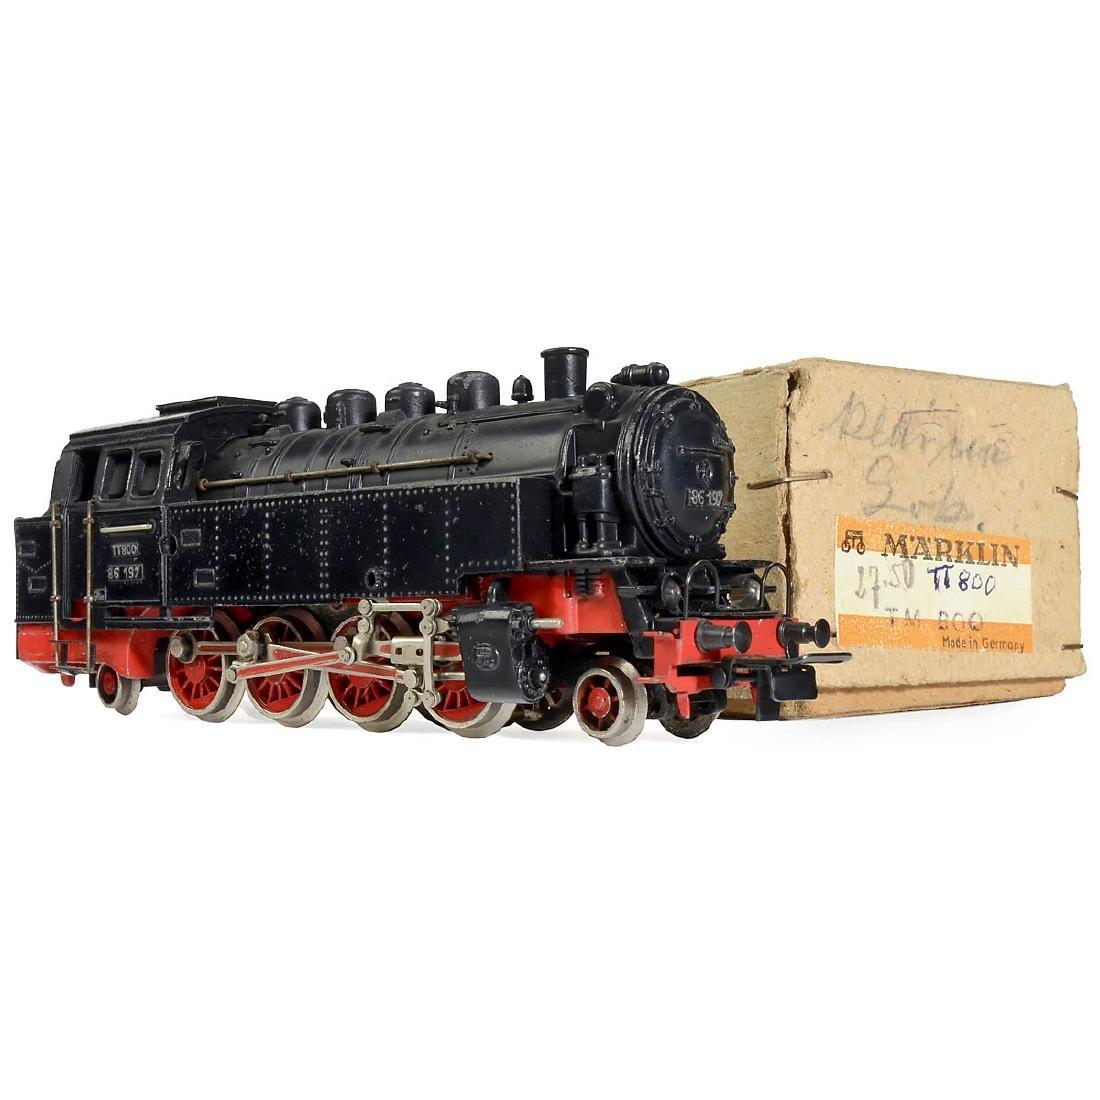 Märklin TT 800 Steam Locomotive, c. 1952